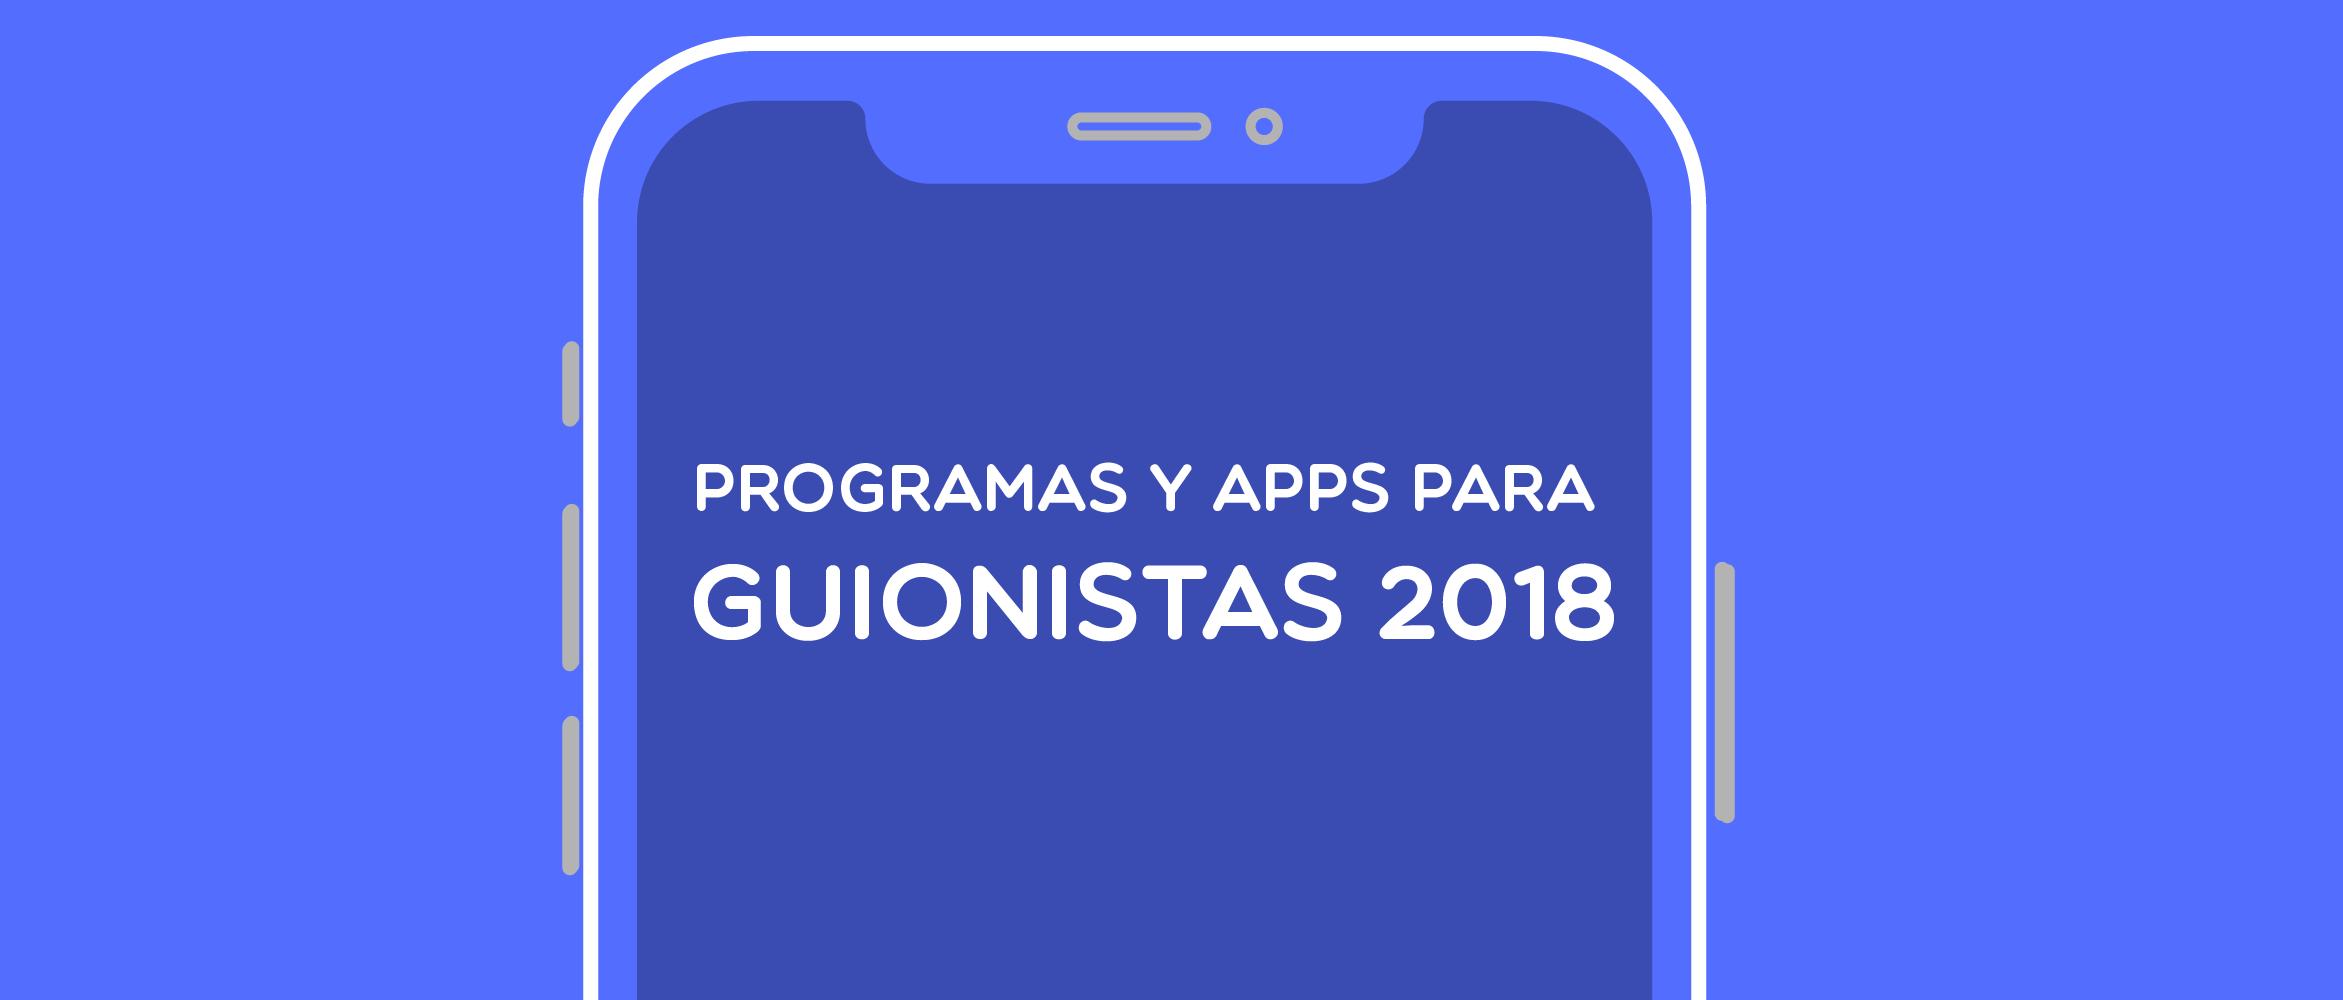 Programas y aplicaciones para guionistas 2018